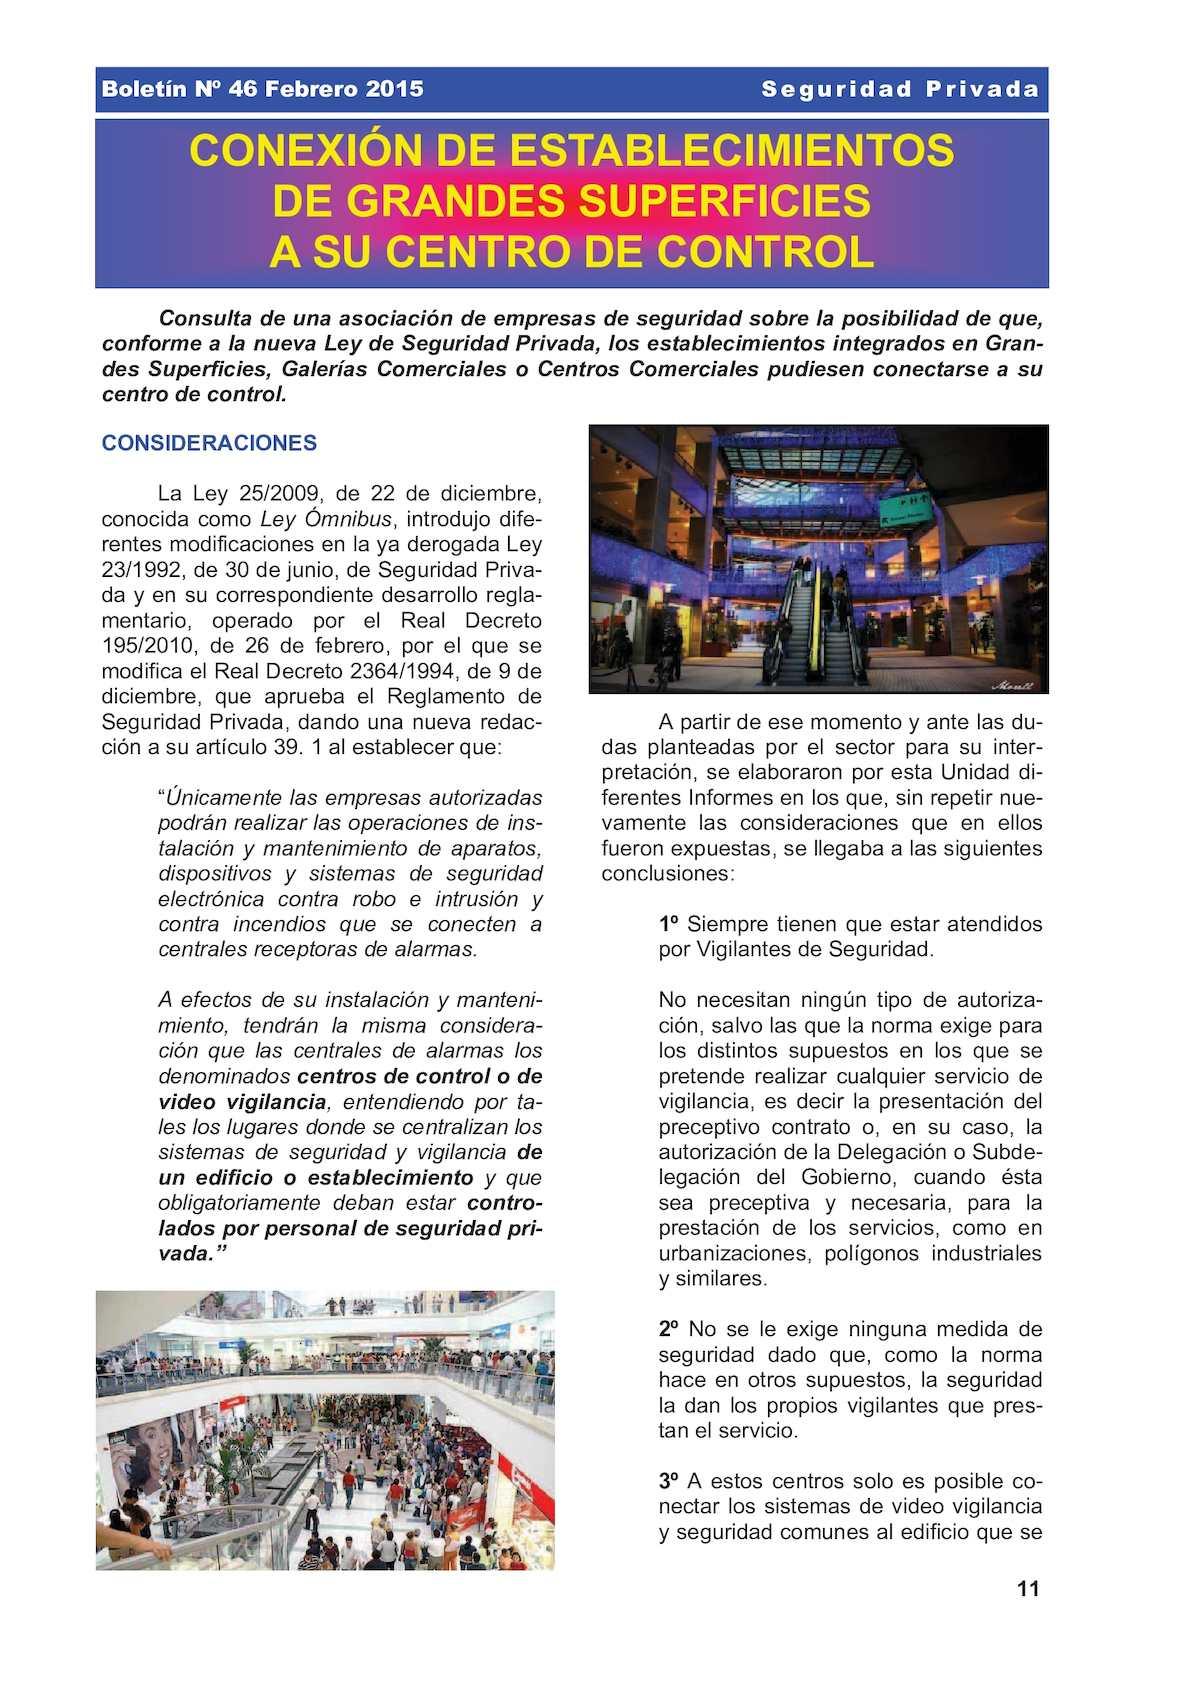 CRA - Conexion De Alarmas Al Centro De Control De Un Centro Comercial Segurpri 046